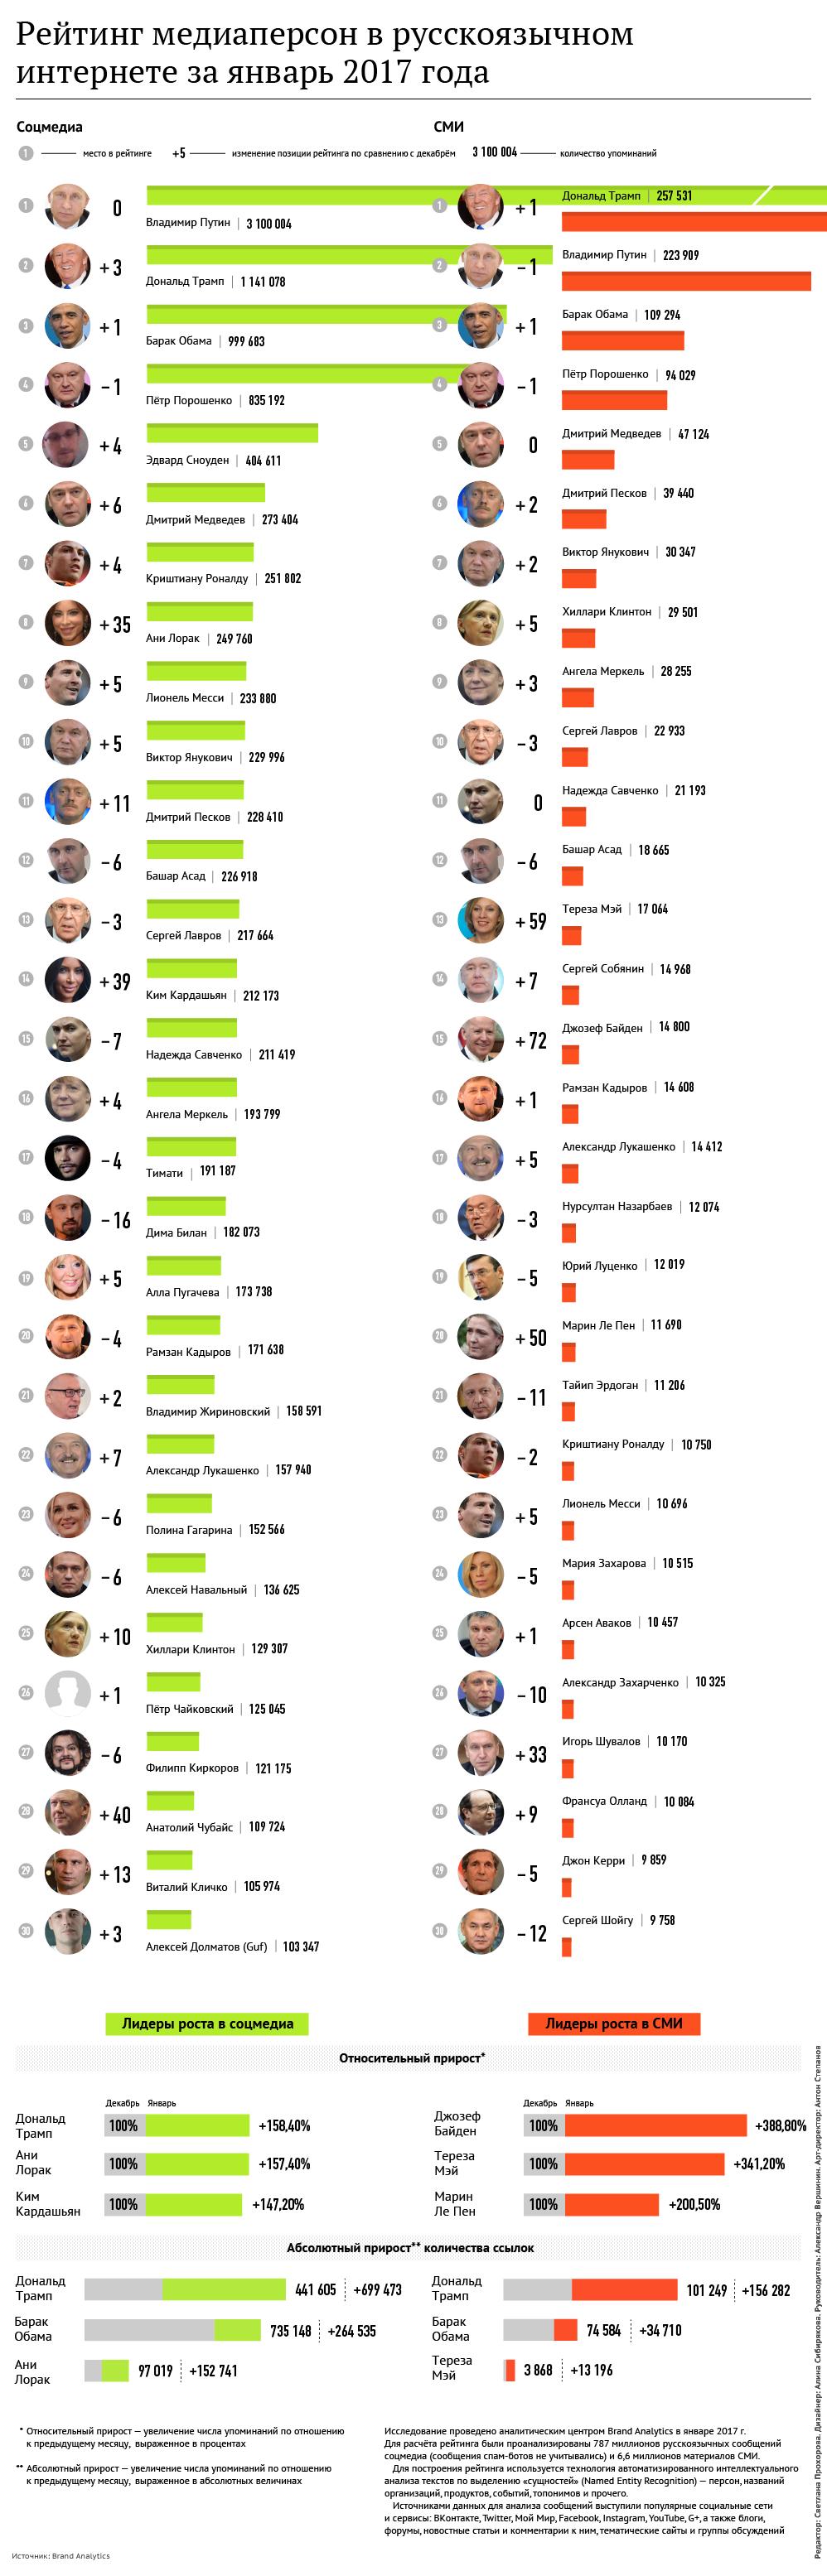 Рейтинг медиаперсон в русскоязычном интернете за январь 2017 года